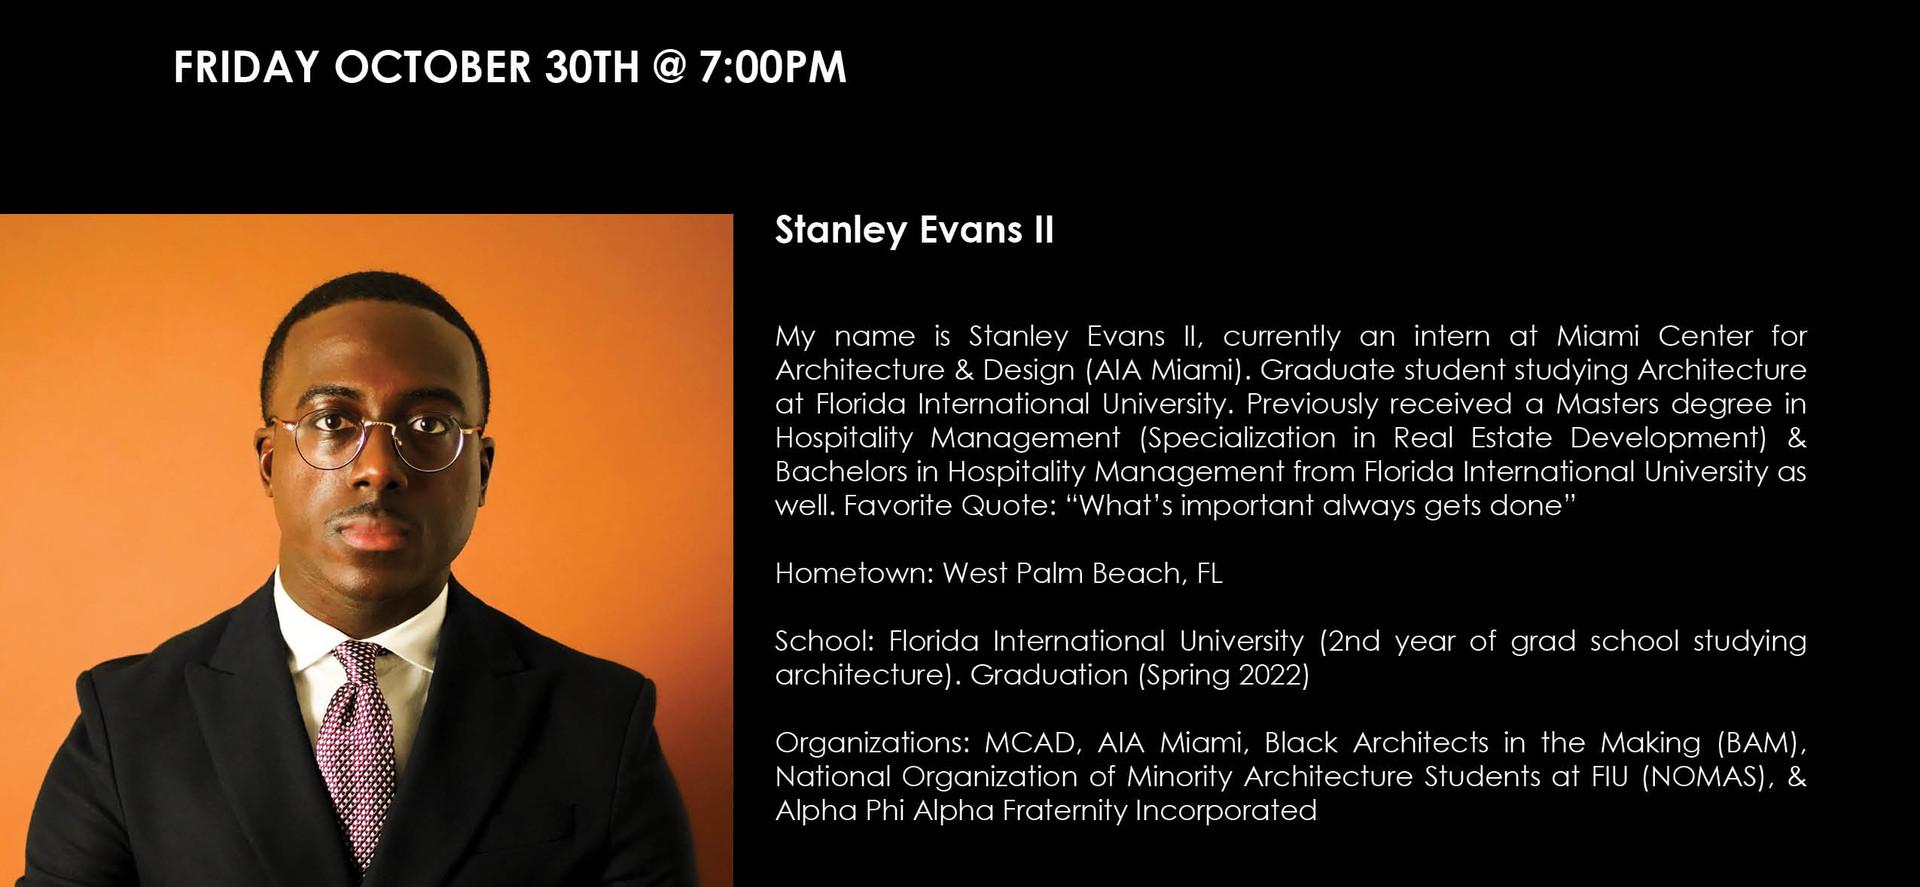 Stanley Evans II